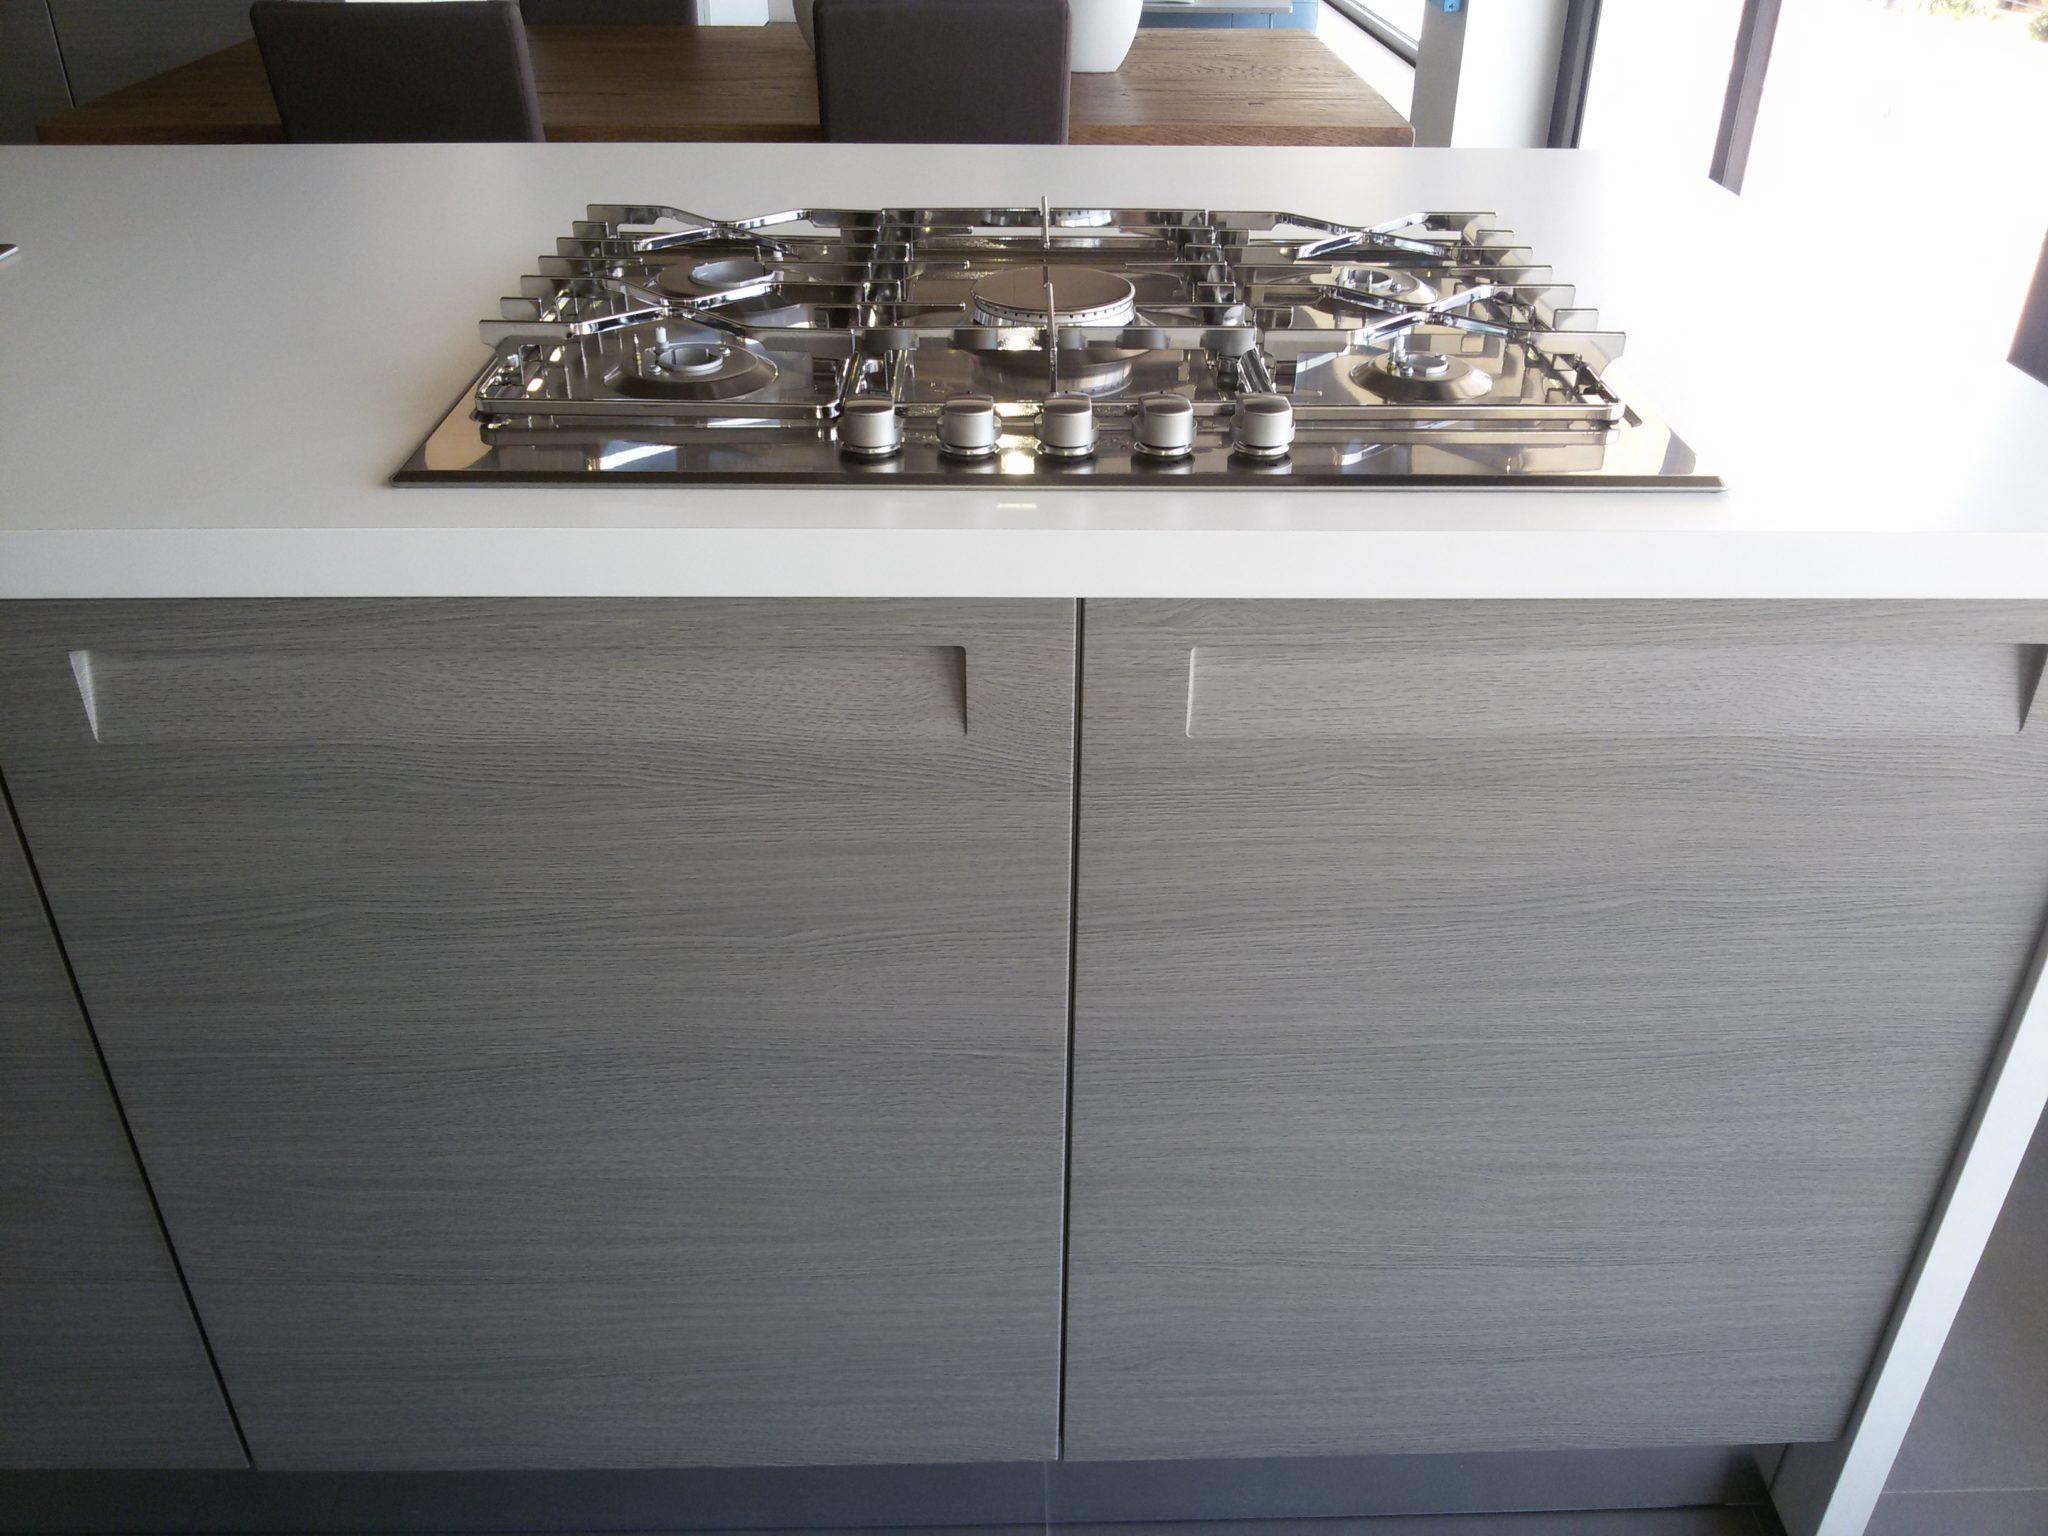 La cucina senza maniglia - Lineatre Arredamenti Alberobello